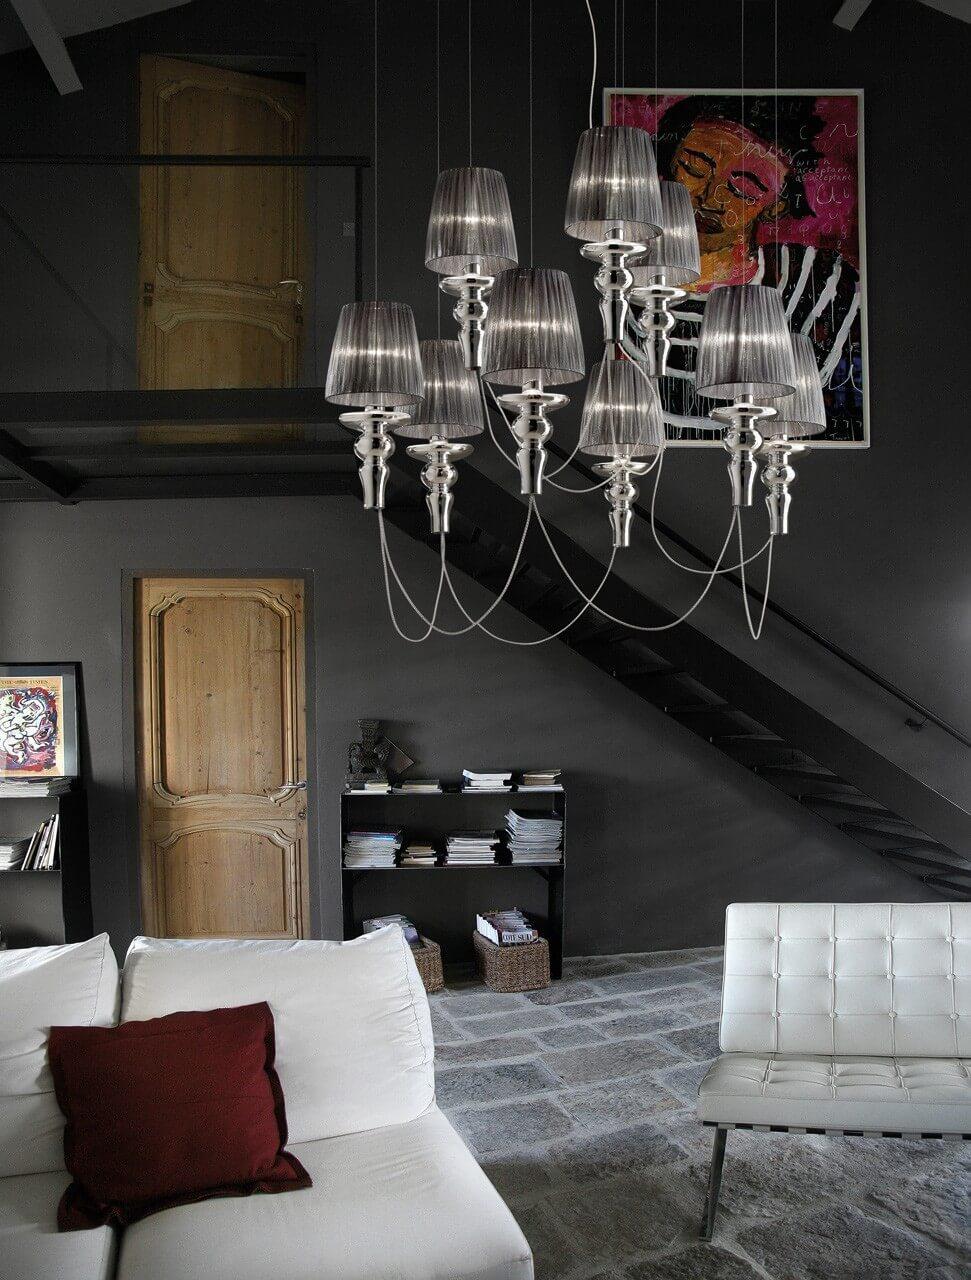 Ładna wyjątkowa lampa do salonu. Piękna i nowoczesna włoska lampa wisząca Evi Style.